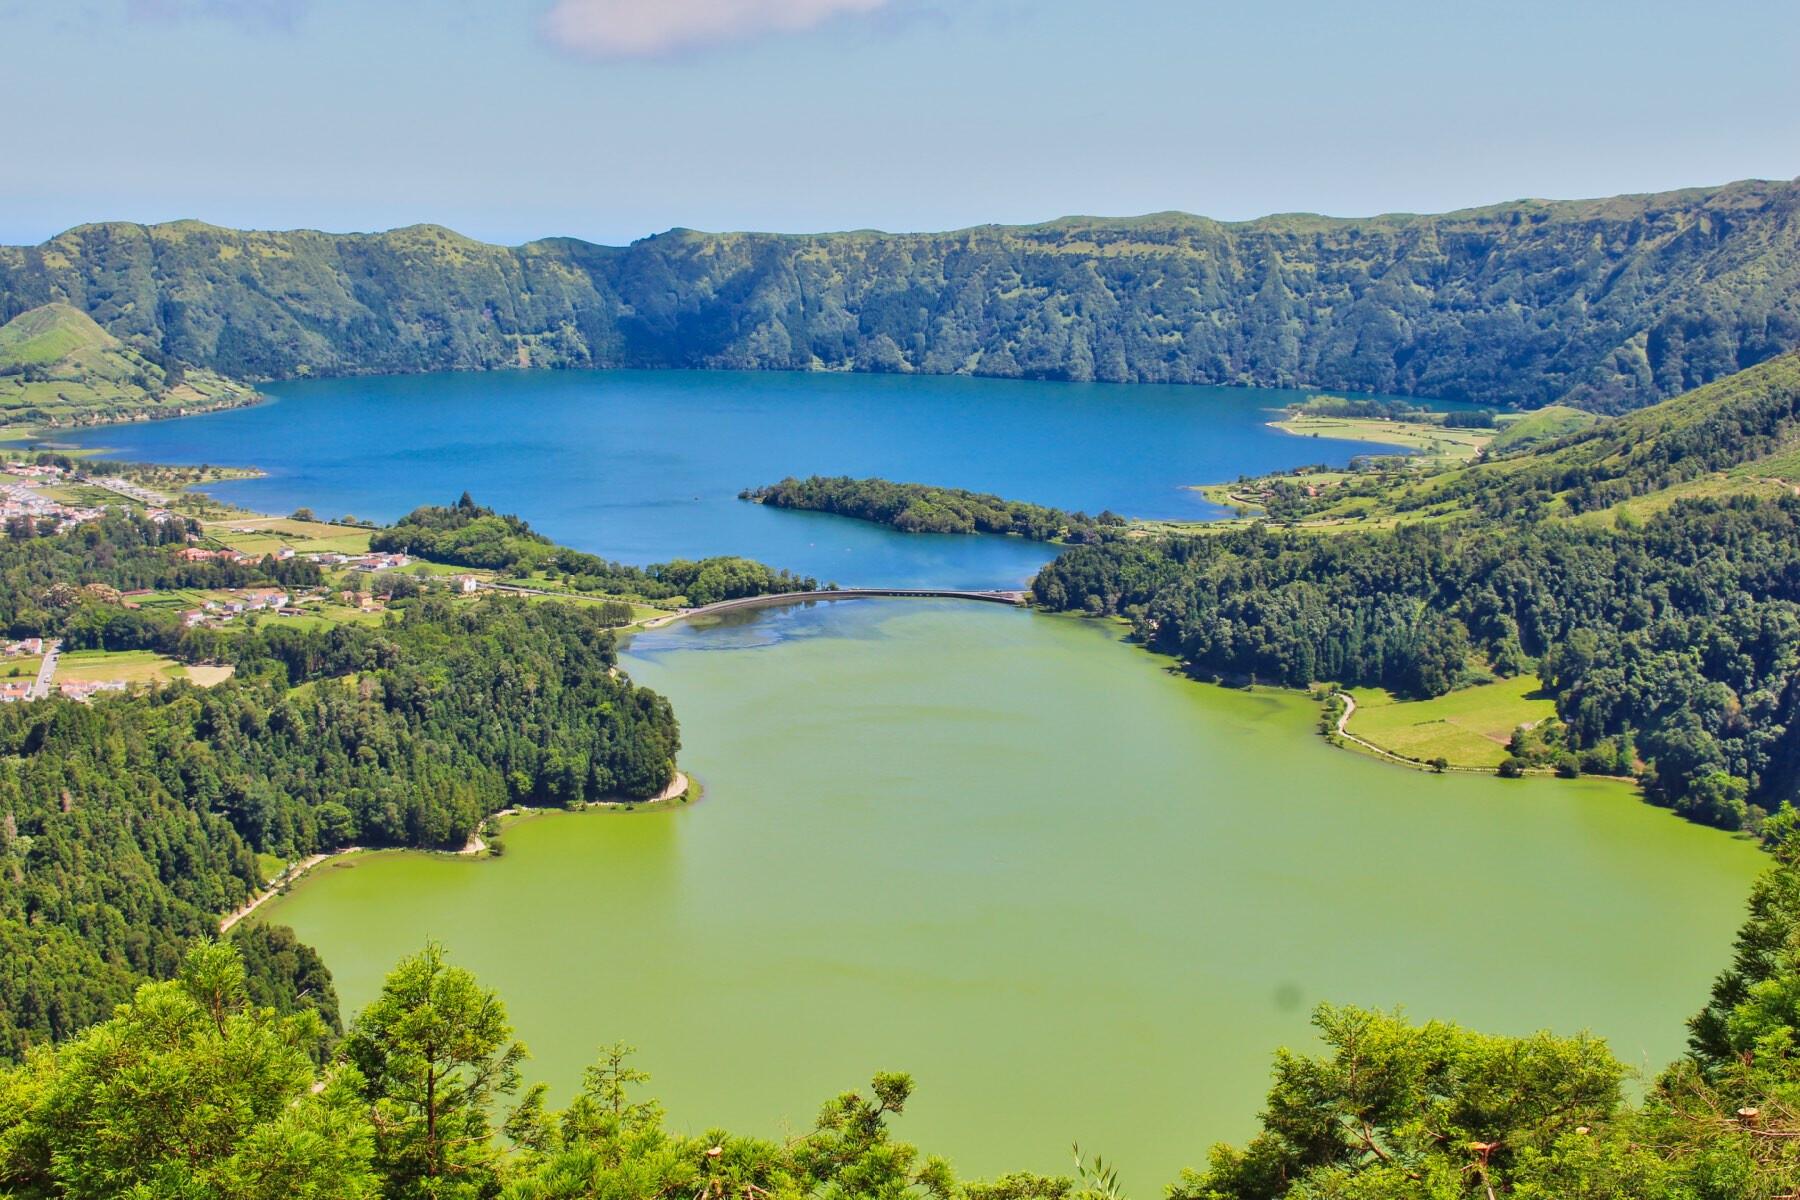 caldeira-das-sete-cidades-guia-de-viagem-pontos-de-interesse-turístico-Açores